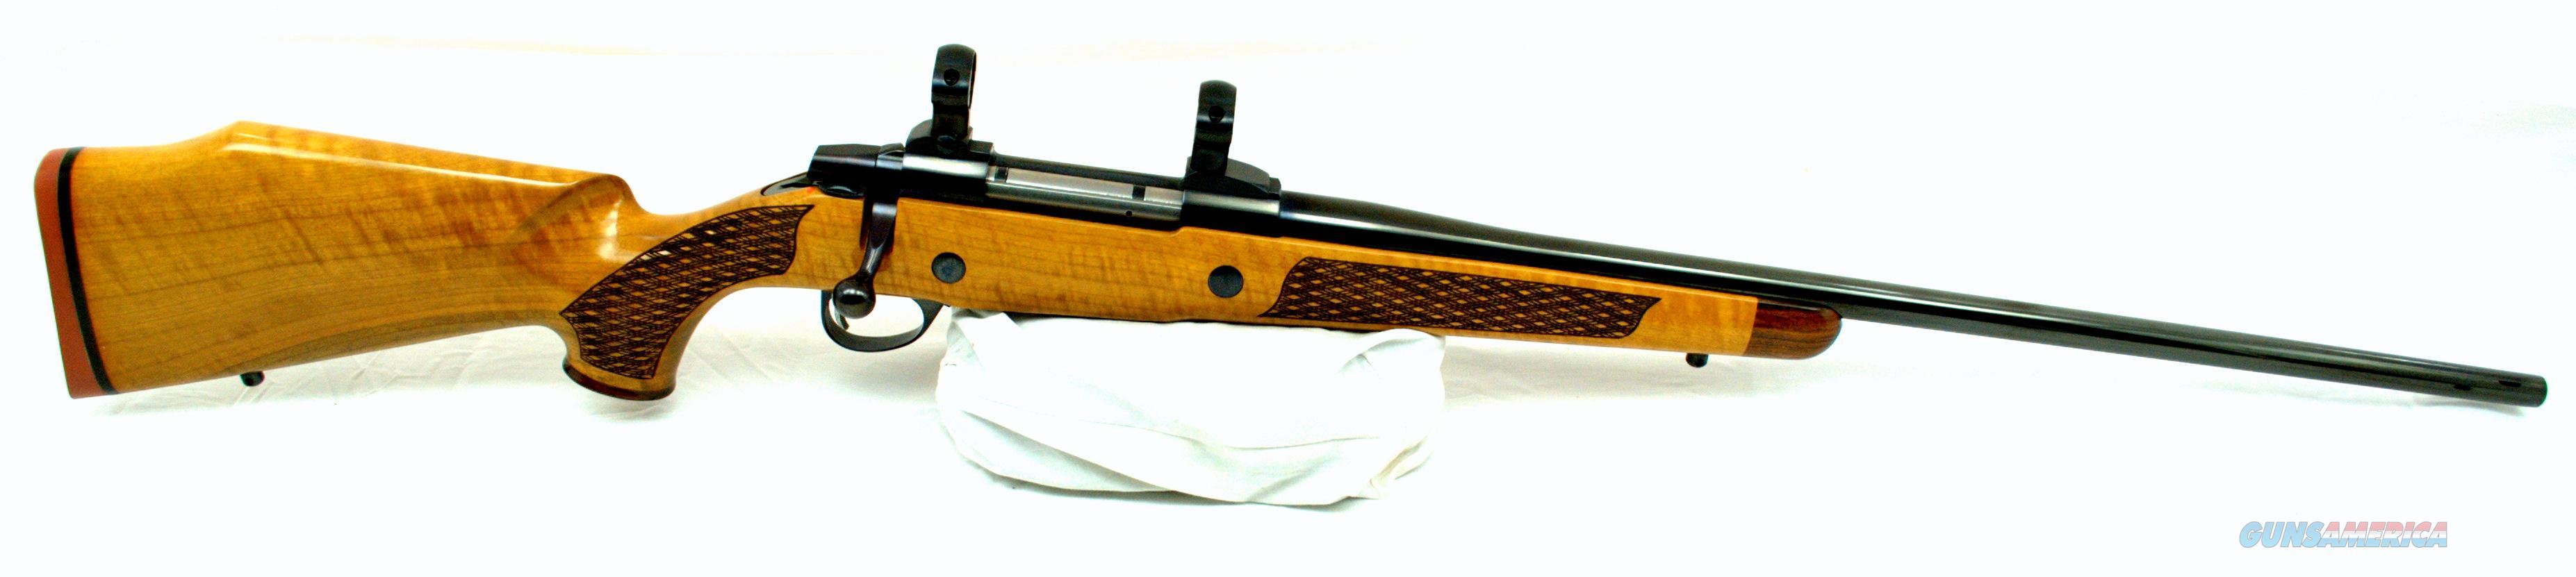 Sako Varmint 204 Ruger JRS1G22 on sale! - EuroOptic.com